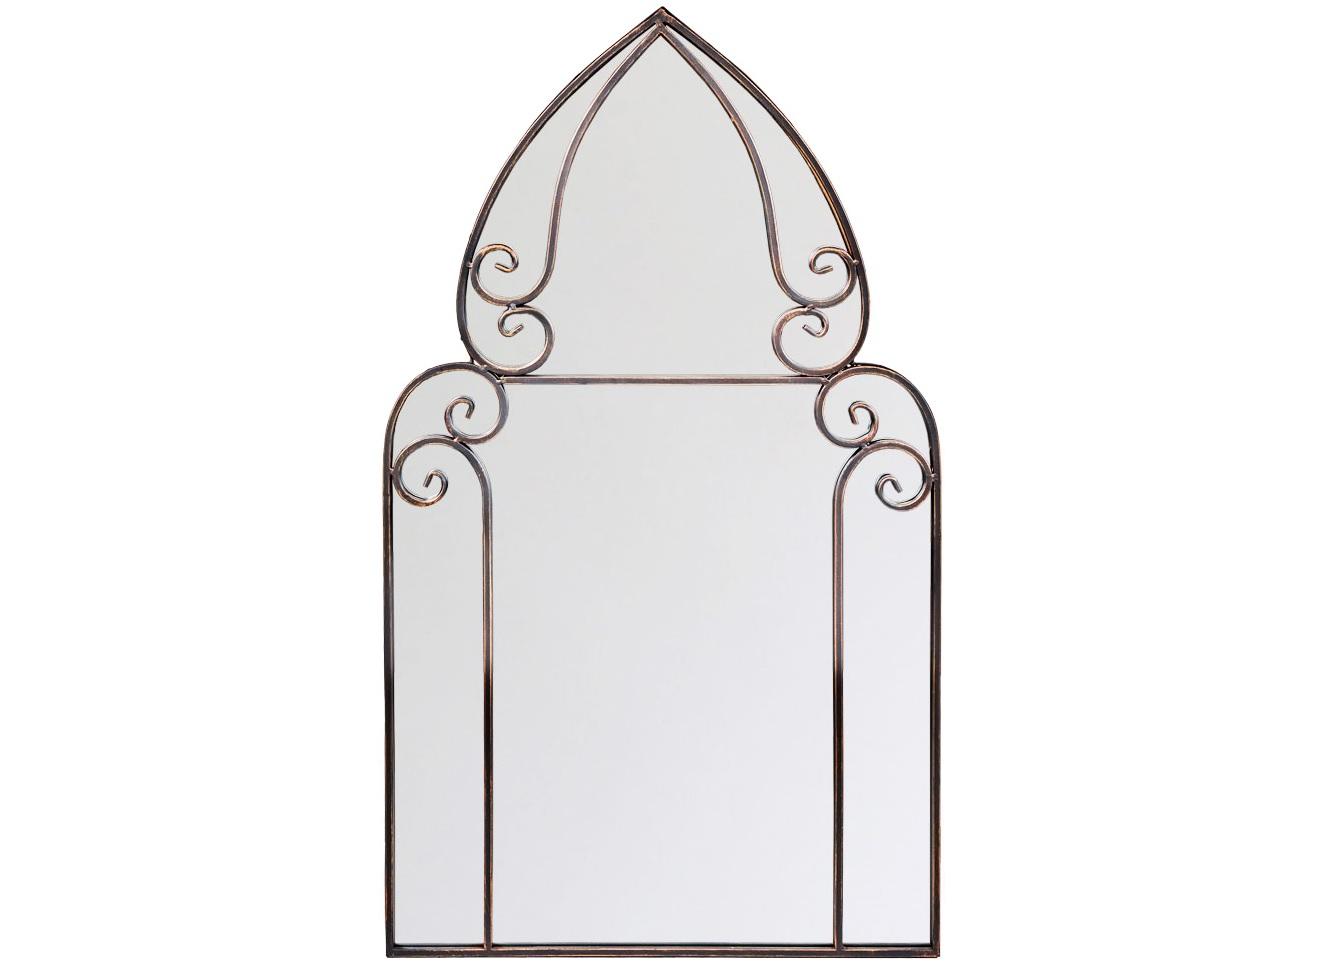 Настенное зеркало ЖерминальНастенные зеркала<br>Зеркало &amp;quot;Жерминаль&amp;quot; продолжает древние романские традиции, излагая их почерком ультрамодного &amp;quot;лофта&amp;quot;. Двухъярусная грань рамы обогащает отражения, навевая предметам загадку и значимость. Купол верхнего яруса подчеркивает грацию и изящество. Зеркала, покрытые серебряной амальгамой, обладают идеально ровной поверхностью, не боятся влаги, они долговечны и не подвержены коррозии. Металлические рамы прочны, долговечны и неприхотливы в уходе.<br><br>Material: Металл<br>Width см: 54<br>Depth см: 3<br>Height см: 93